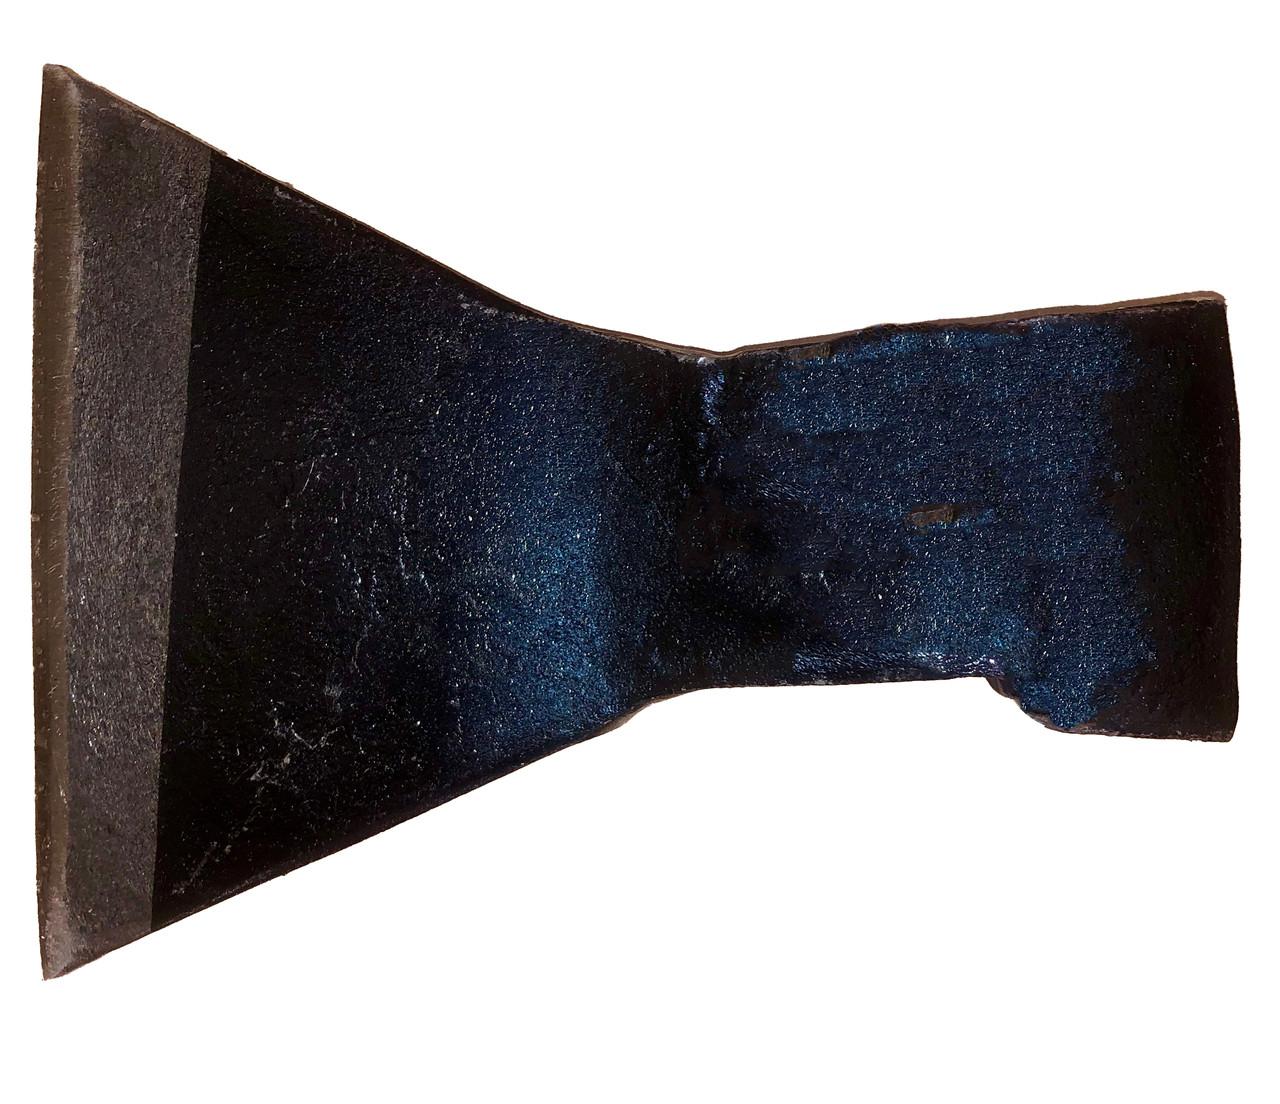 Сокира сталева без ручки, 1400г, (Б4), ІЖ